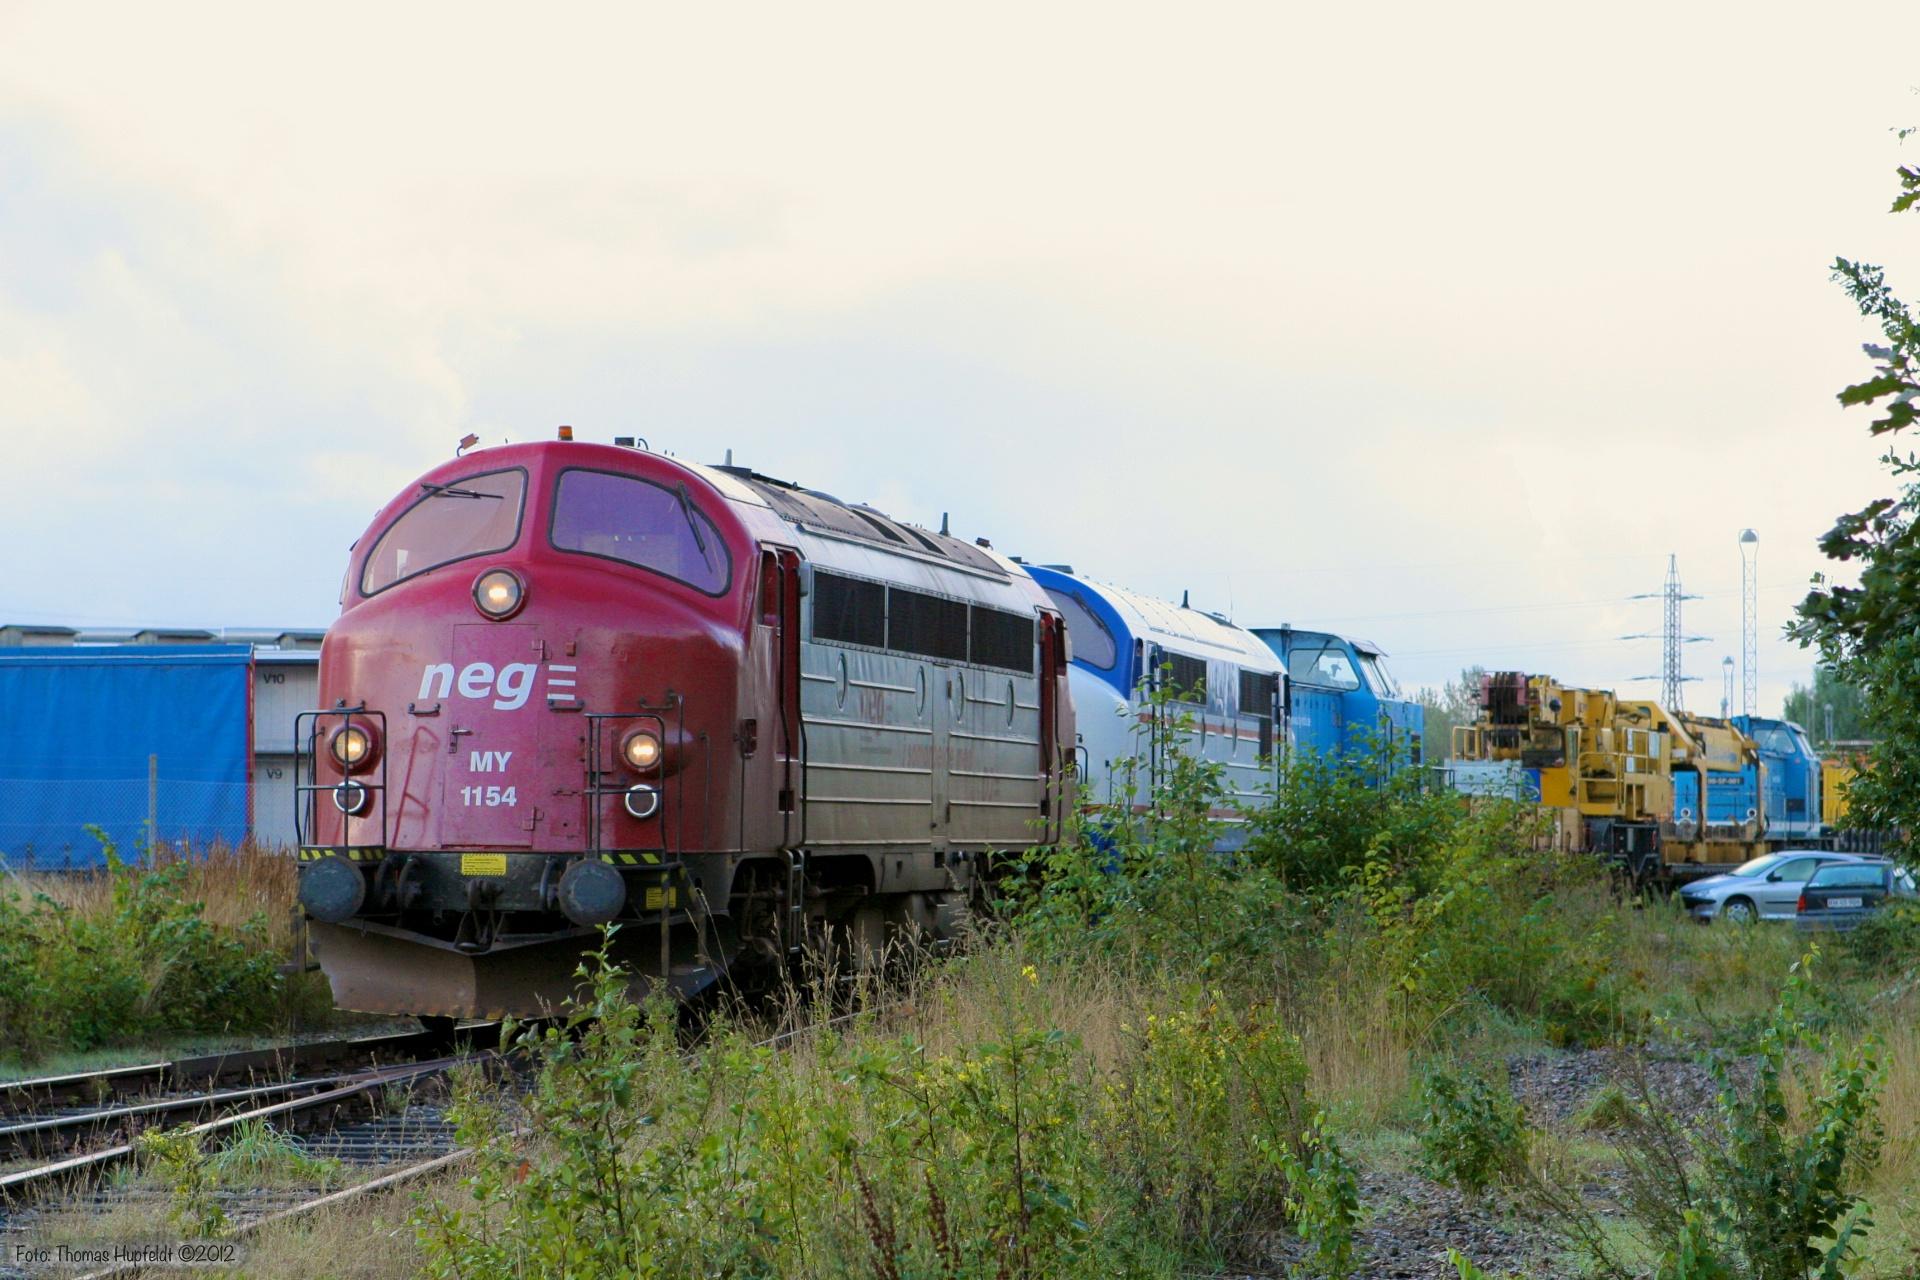 DJ MY 1154, NJ M10, SLG V100 SP-003, sporombygningsmateriel, SLG V100 SP-001 + vogne som GF8683 (Tdr-Hr) ved Tønder - 26.08.2005